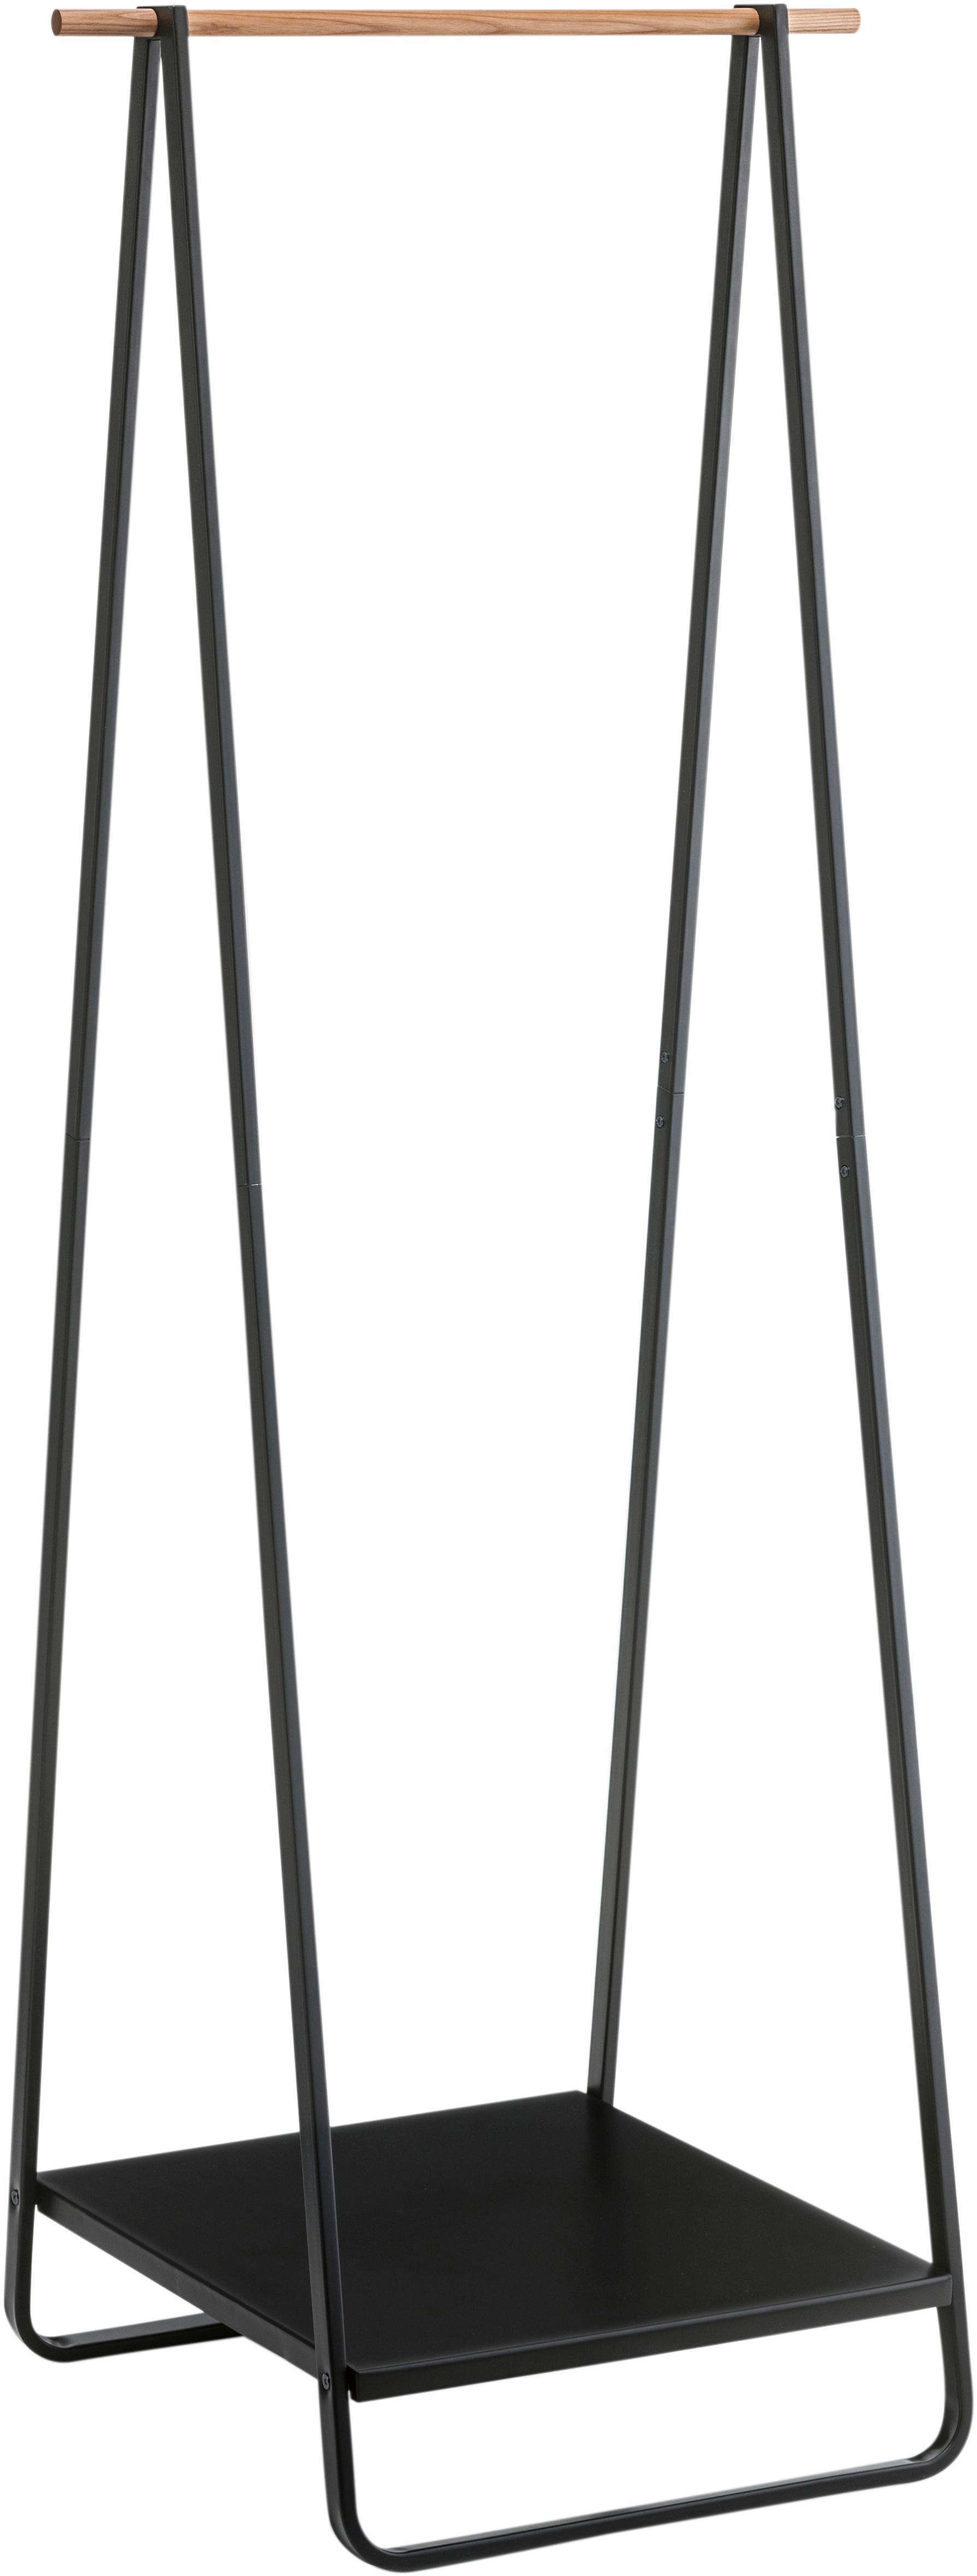 Metall-Kleiderständer Tower, Gestell: Metall, pulverbeschichtet, Schwarz, 52 x 140 cm